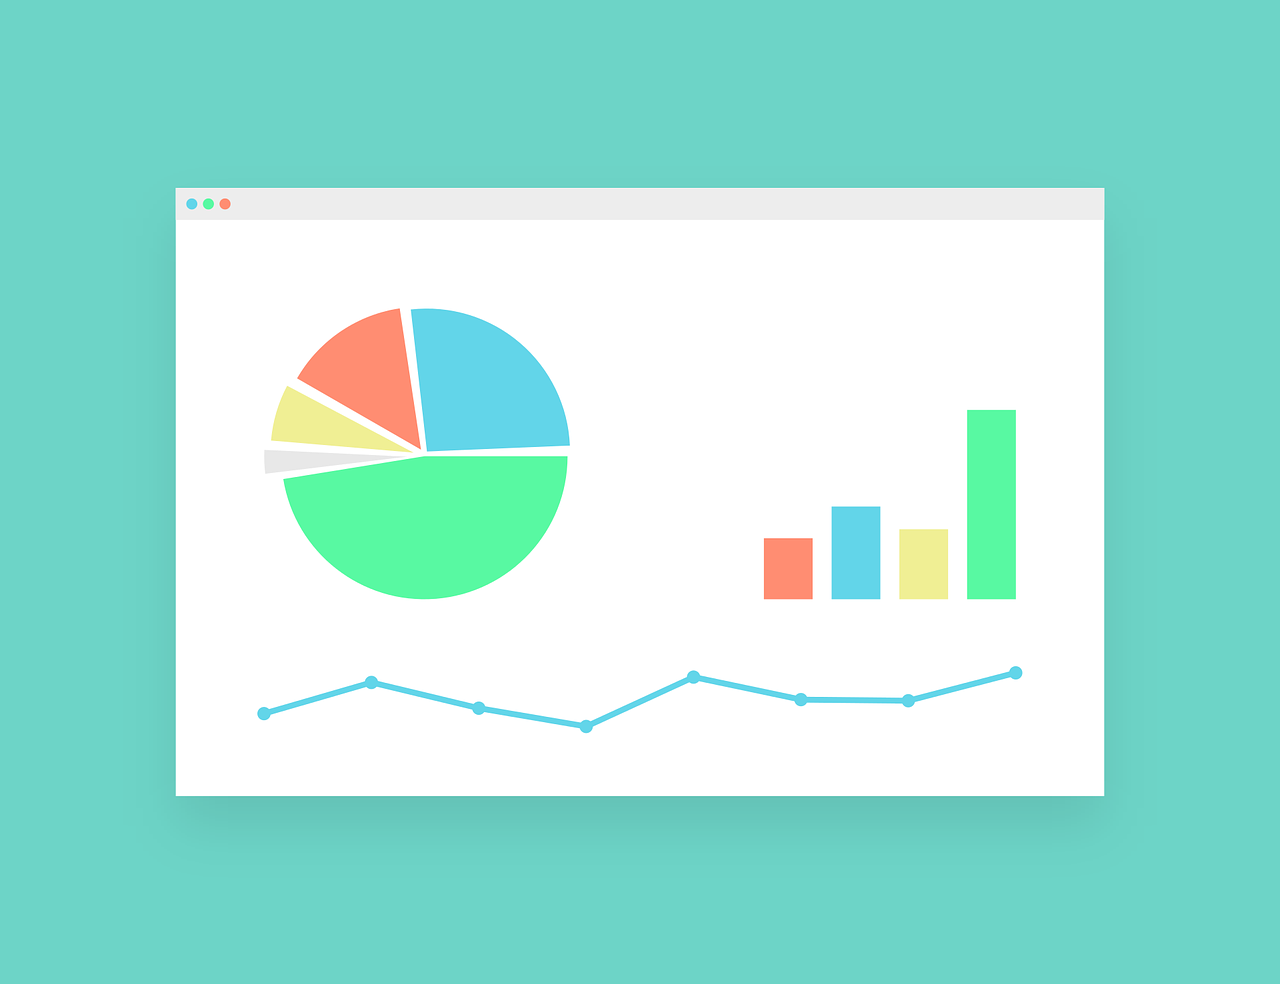 relacionamento com cliente e fidelização estatísticas